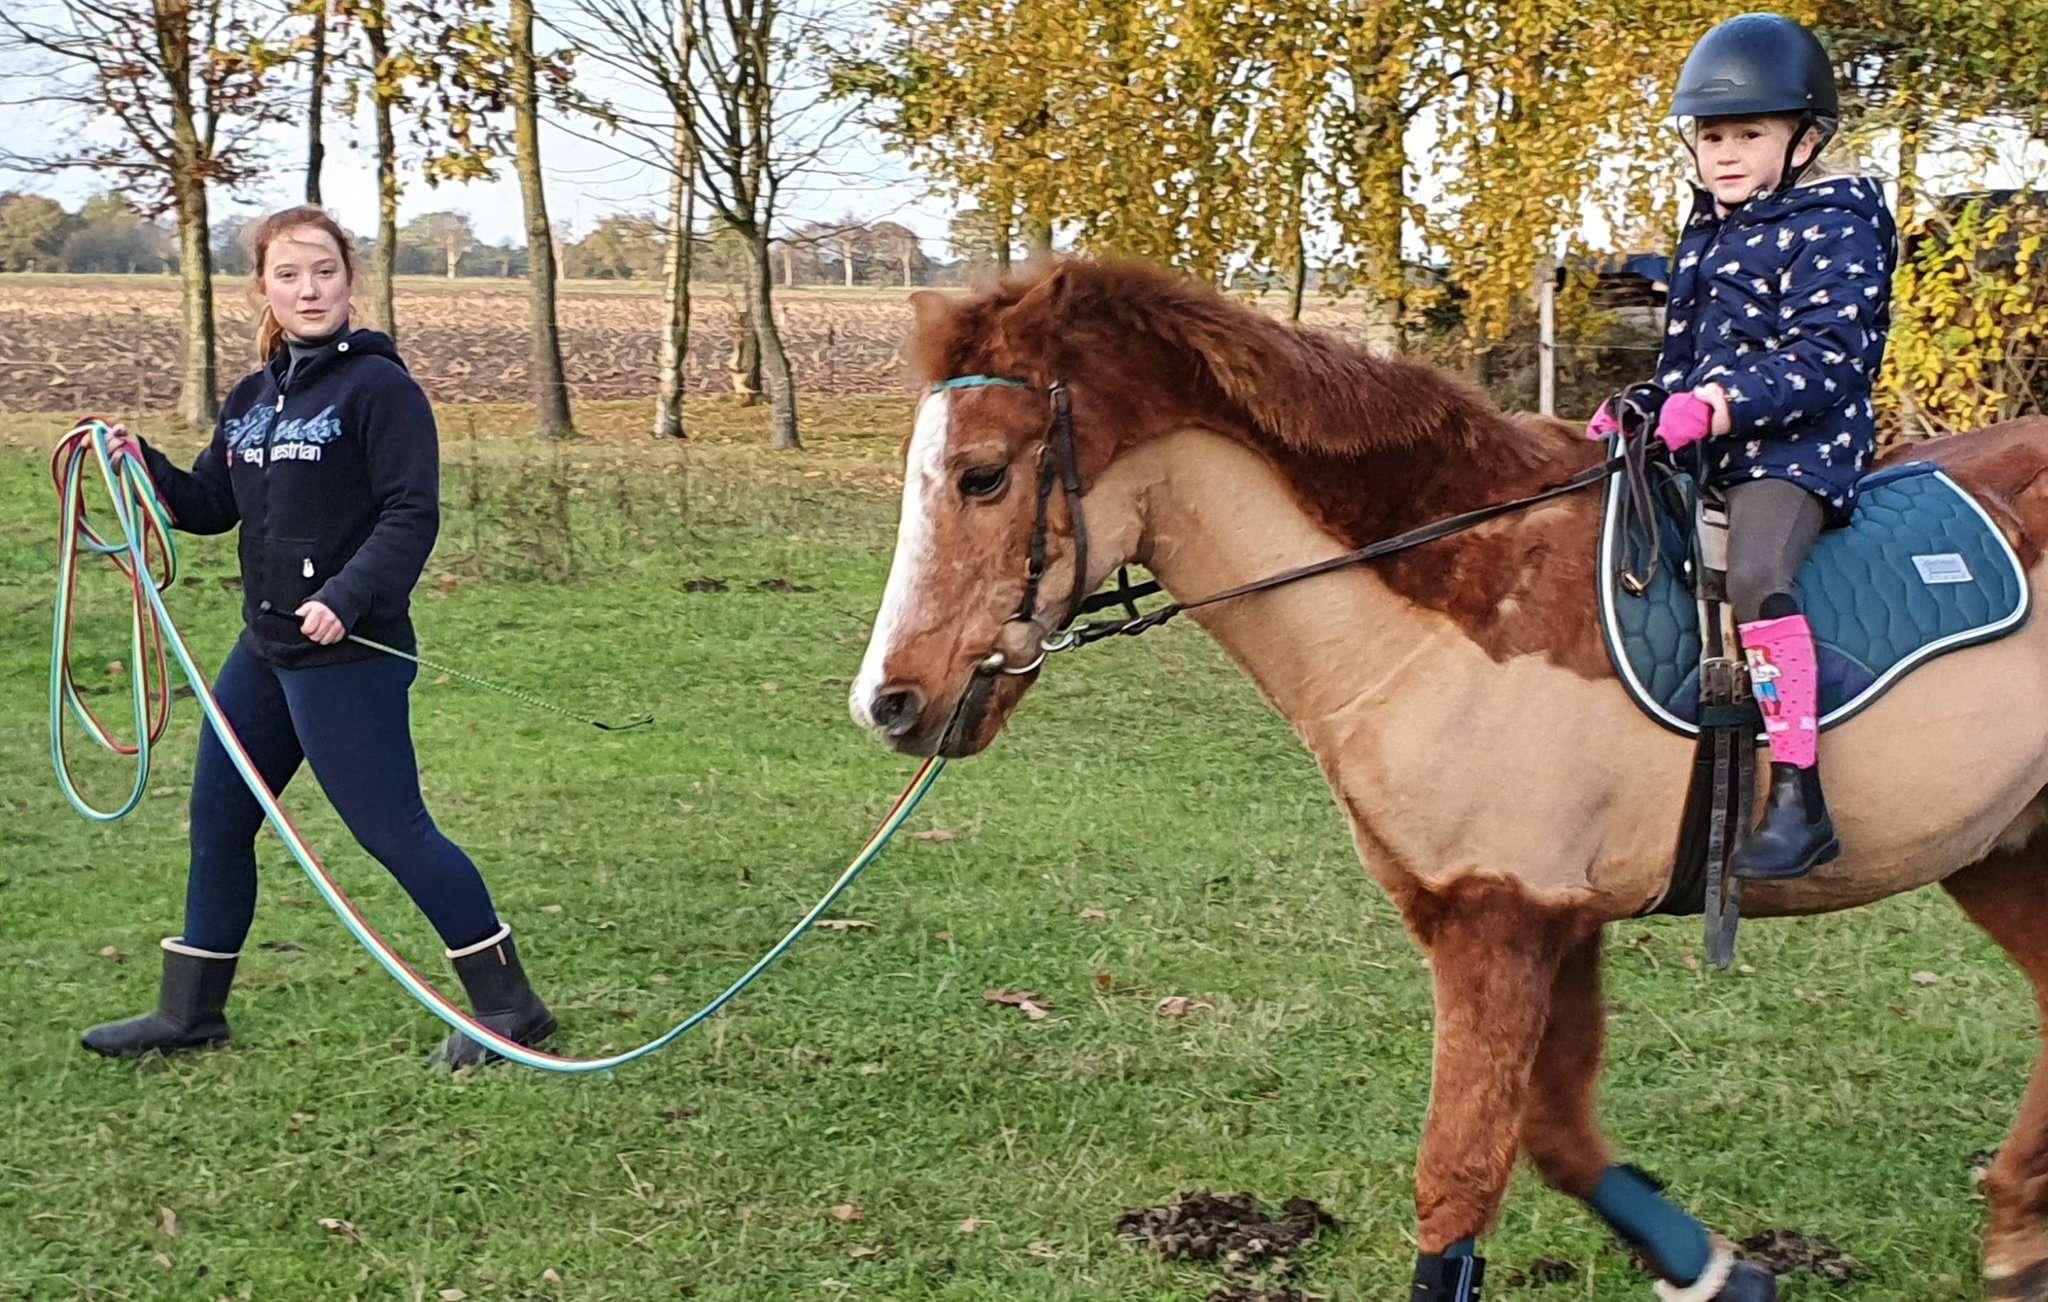 Antonia betreut Goldi und hat immer wieder Reitkinder zu Gast, die mit dem Pony ihre Reitstunden absolvieren. Fotos: Klaus Müller